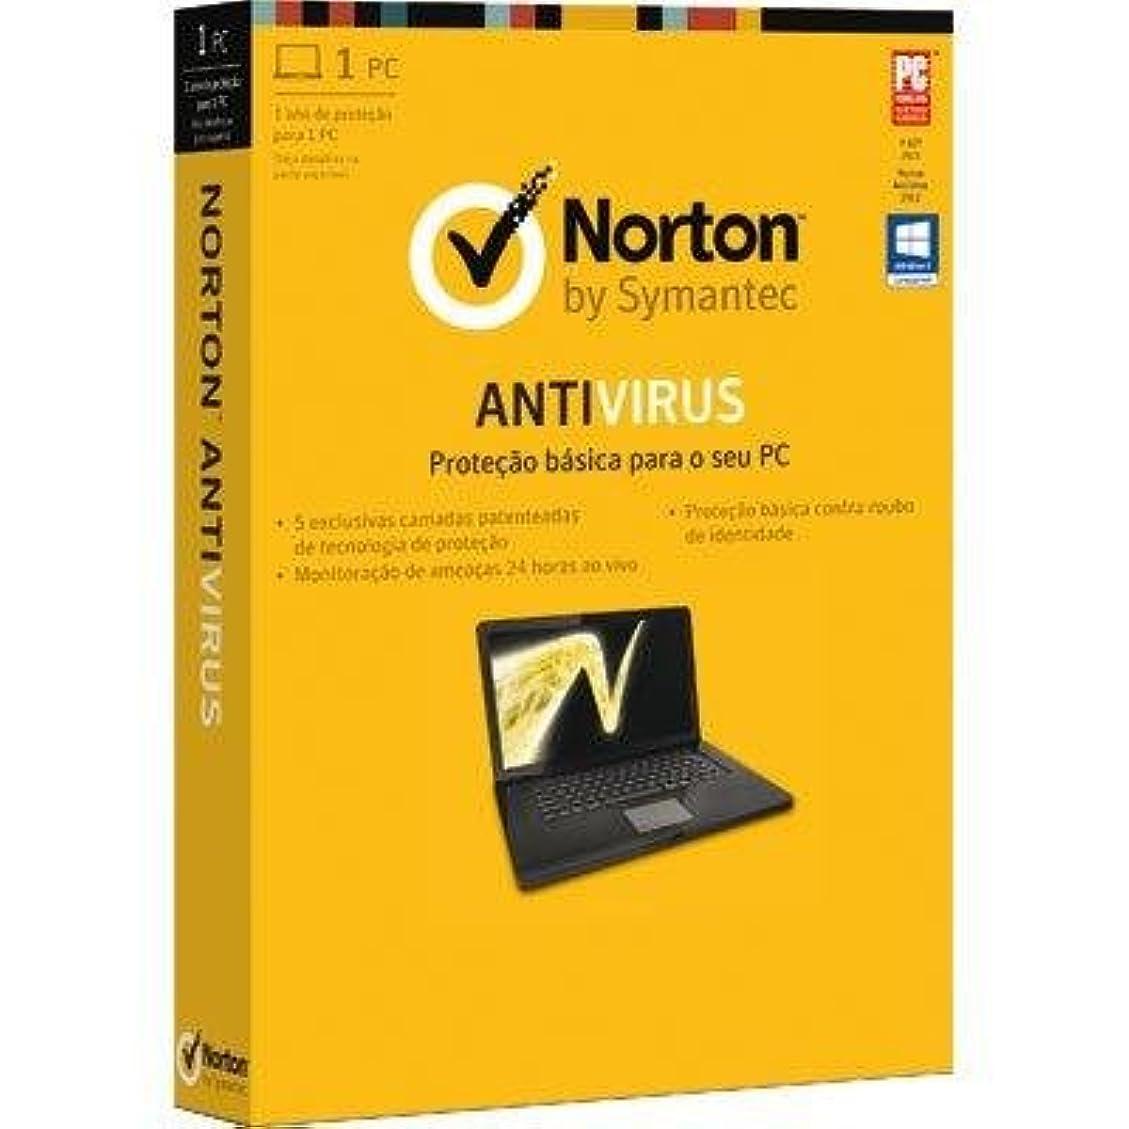 ウィンクグラフハグノートン Norton Antivirus 2013 ポルトガル語版 更新1年1PC FULL [Norton Antivirus 2013 versao Portugues/Brasil/Brazil 1PC/1ano]